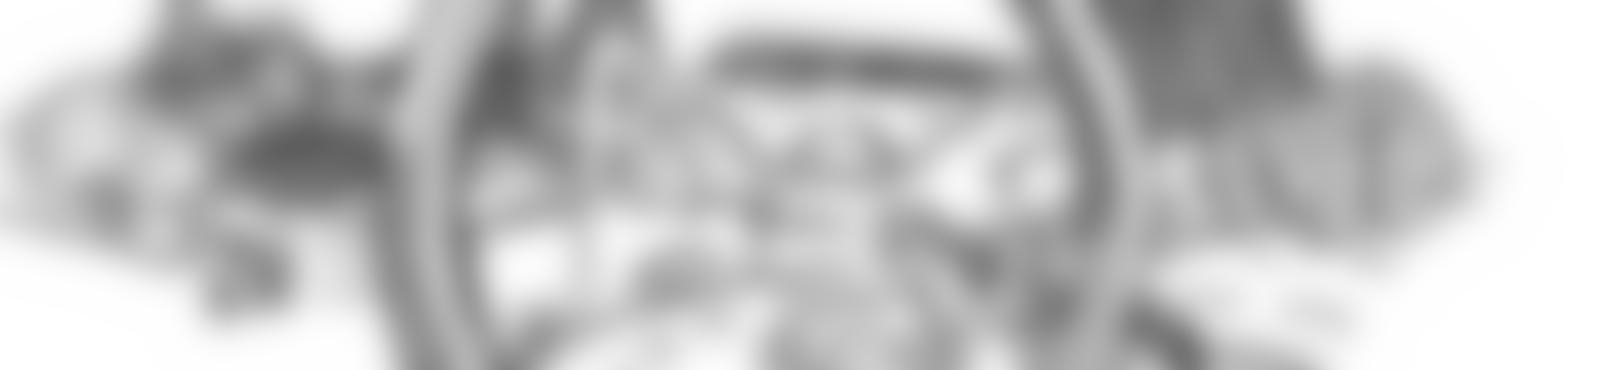 Blurred bb87e546 fce4 4392 9575 9a6b26aa3a9b